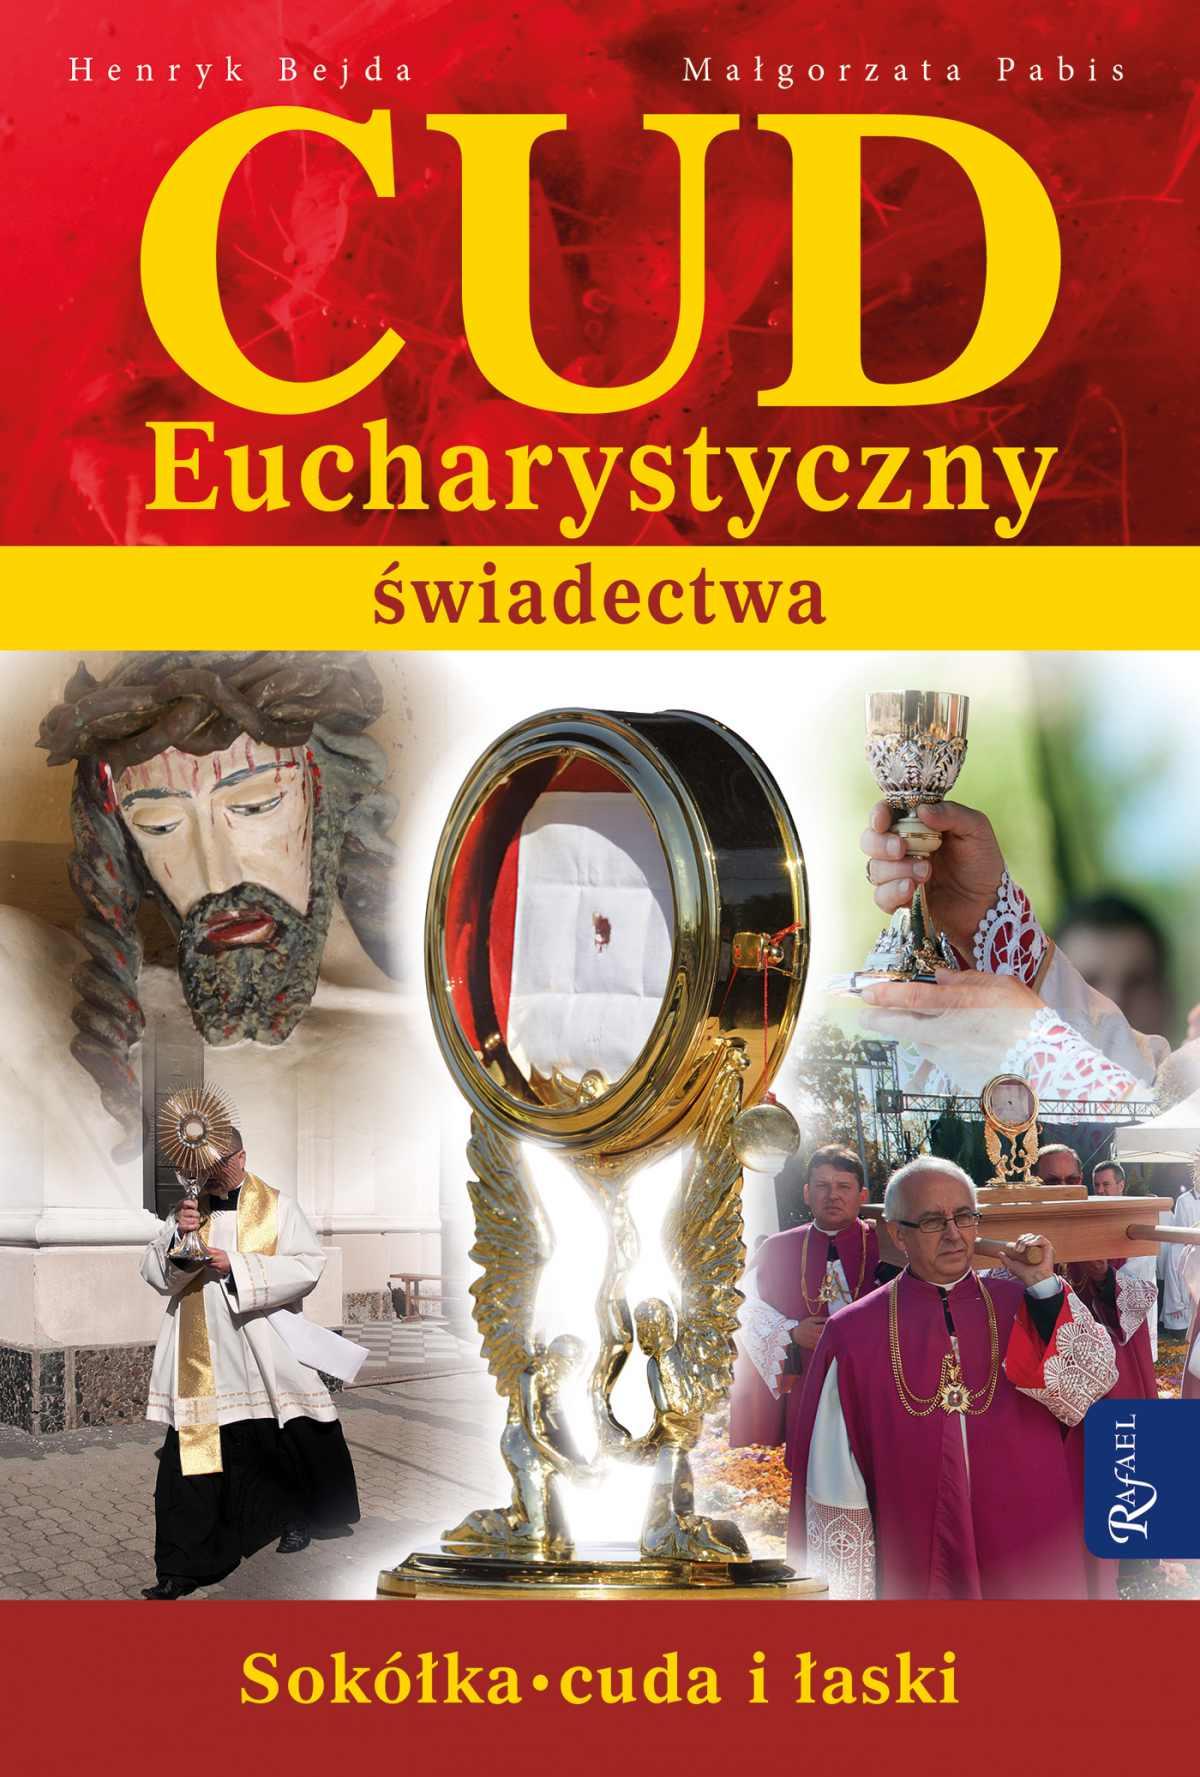 Cud Eucharystyczny. Świadectwa - Ebook (Książka na Kindle) do pobrania w formacie MOBI